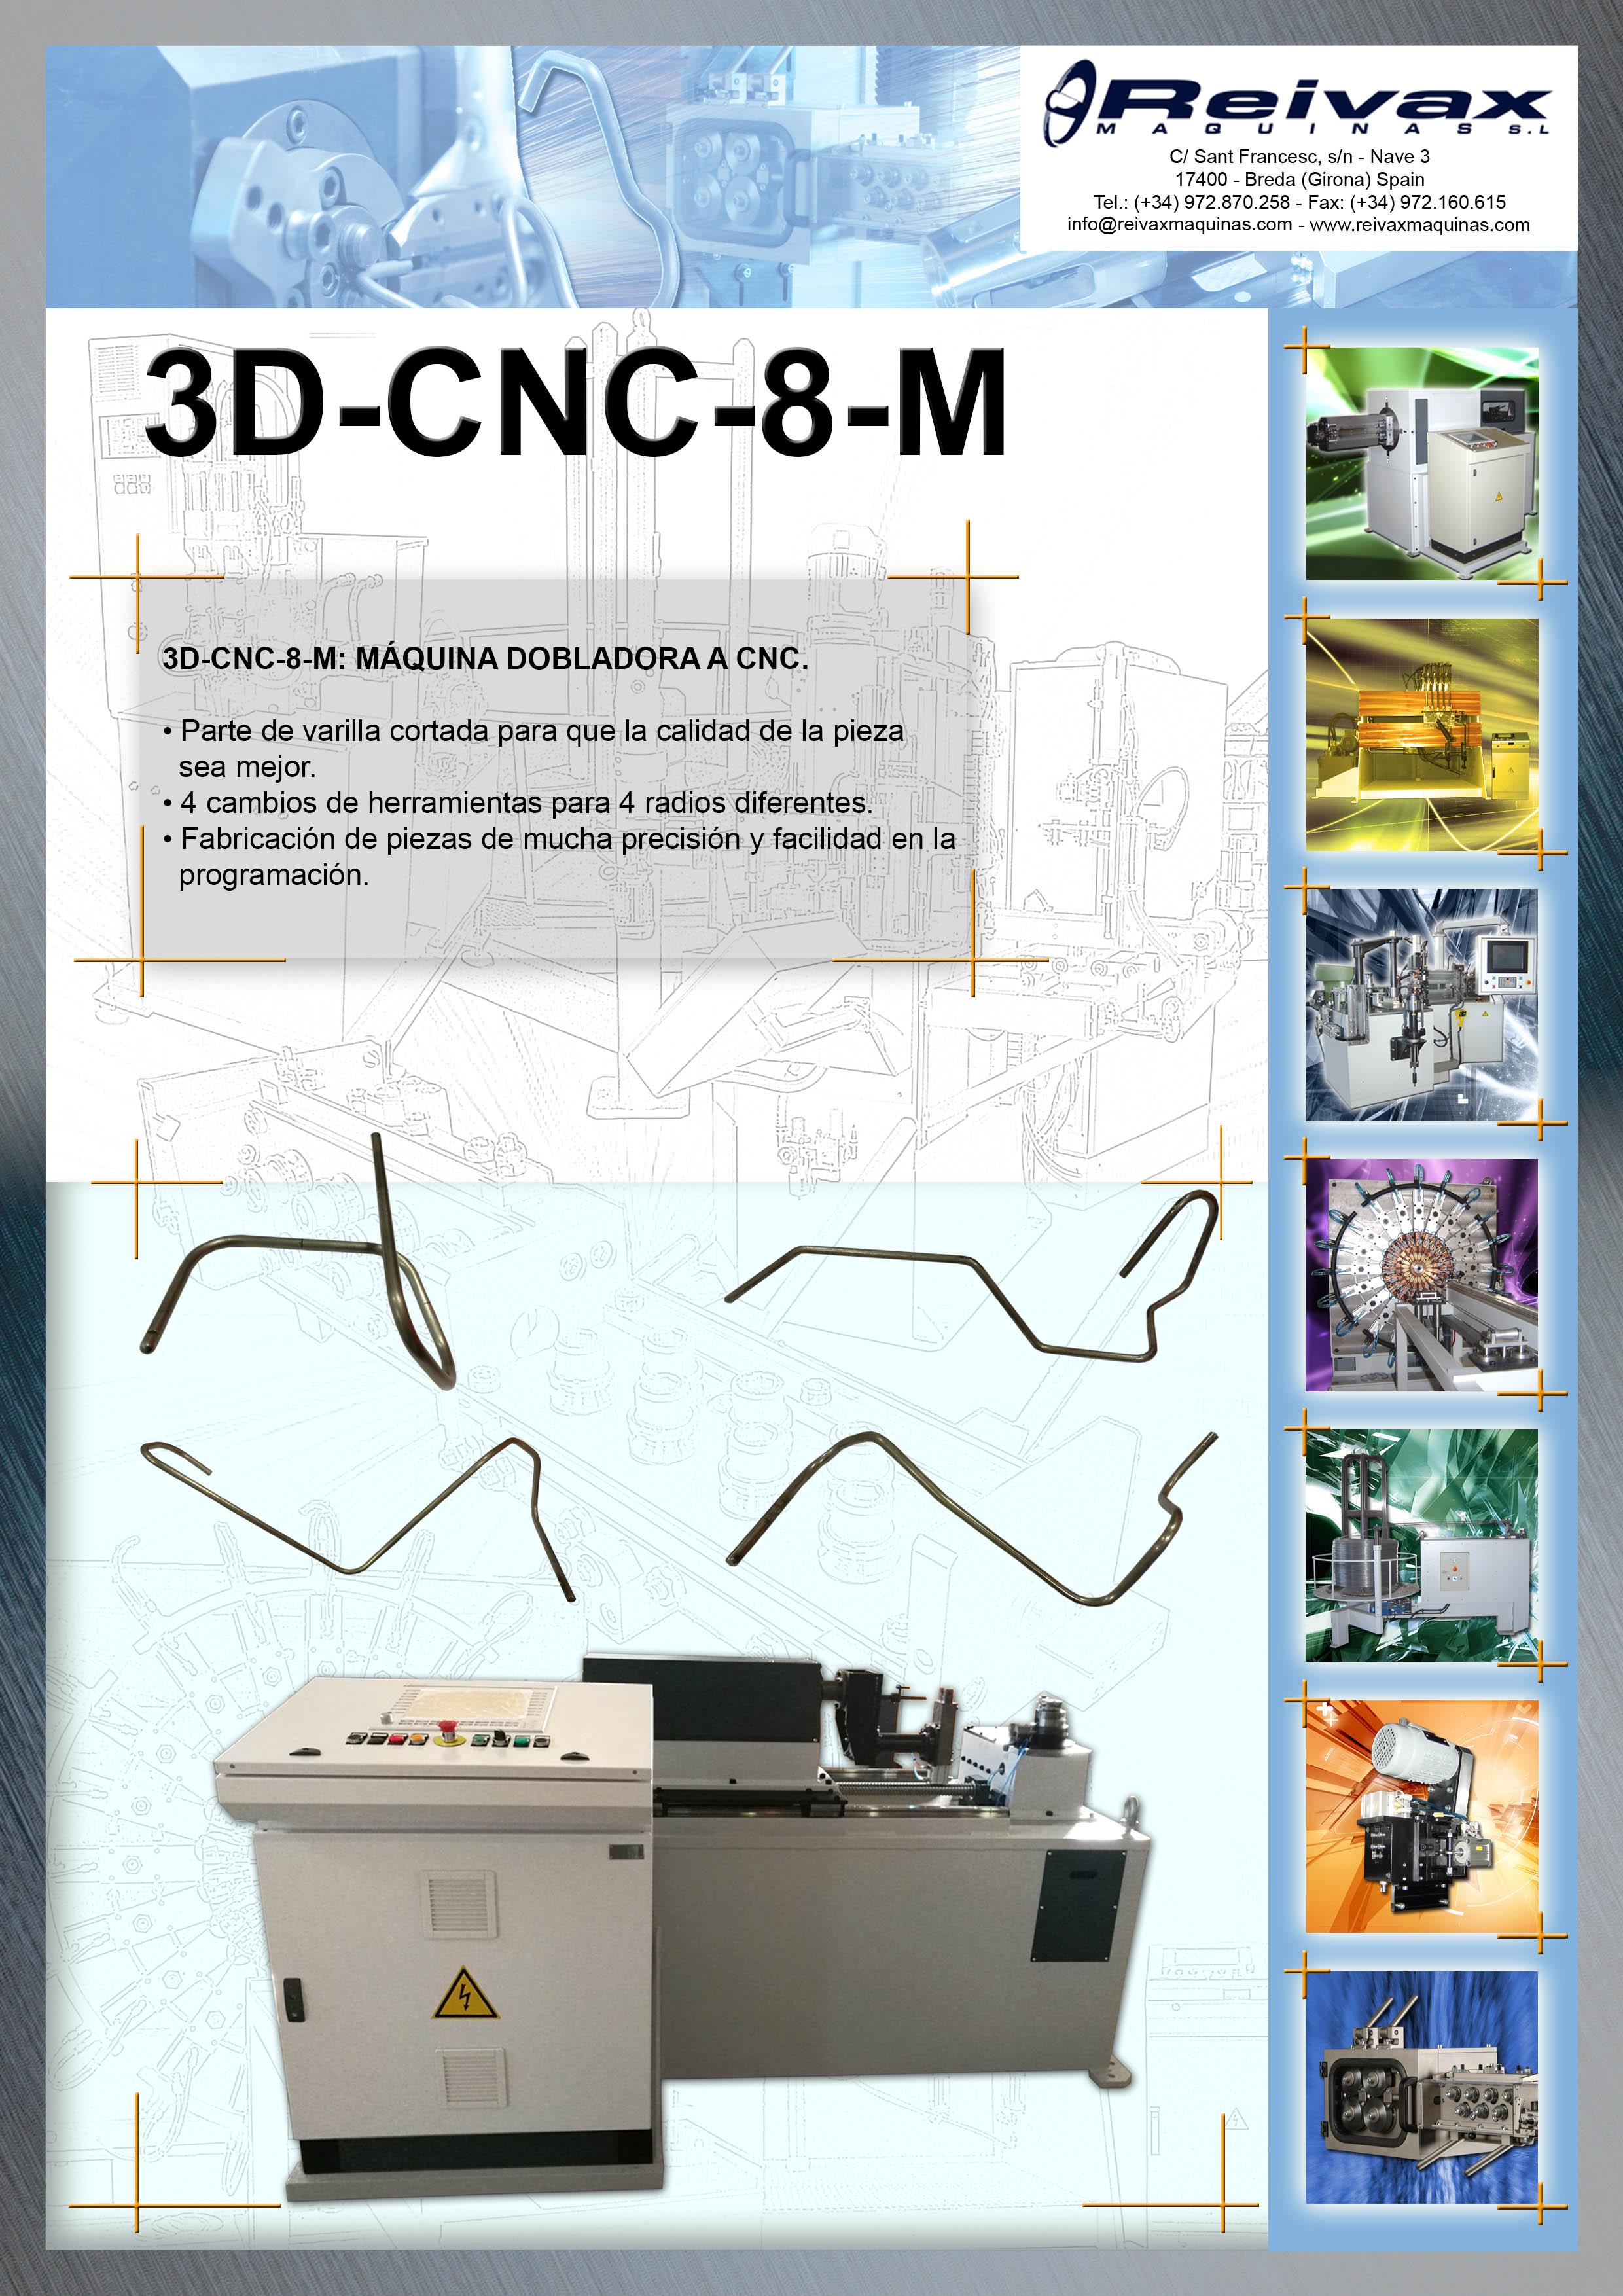 ReivaxMaquinas: Ficha tecnica 3D-CNC-8-M